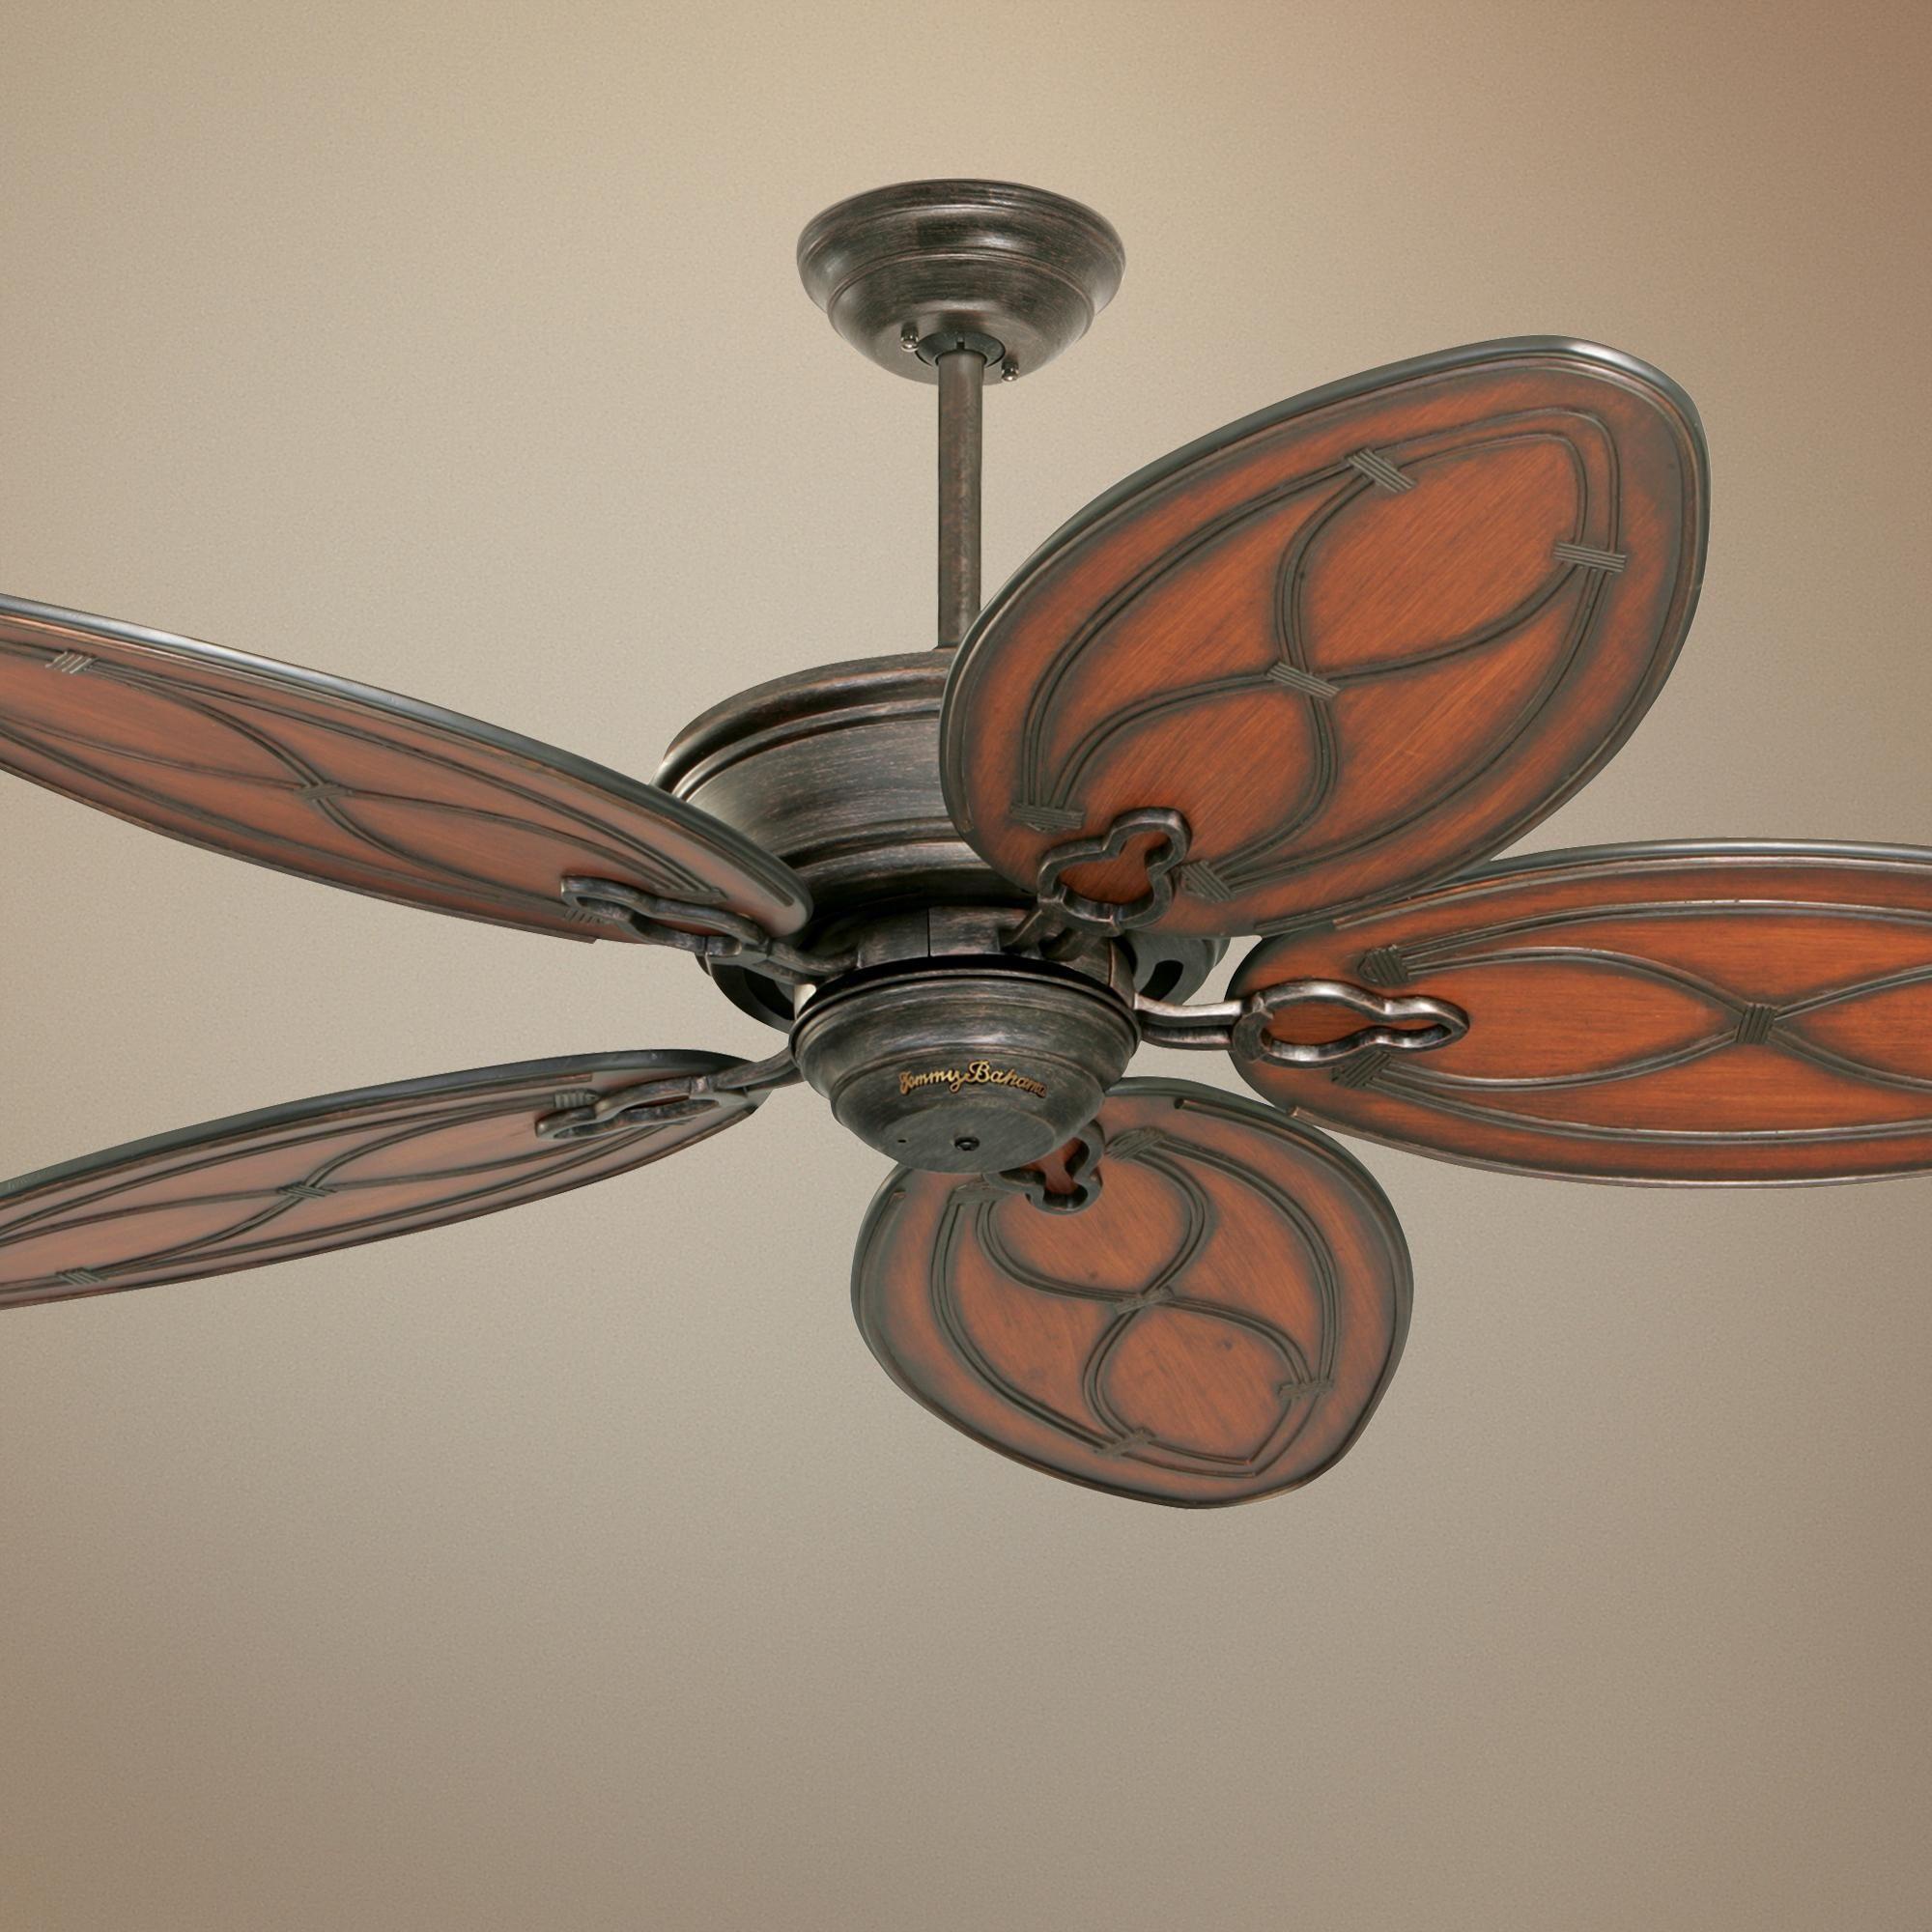 52 Tommy Bahama Copa Breeze Ceiling Fan M4704 Lamps Plus Ceiling Fan Ceiling Fan With Light Tommy Bahama Decor